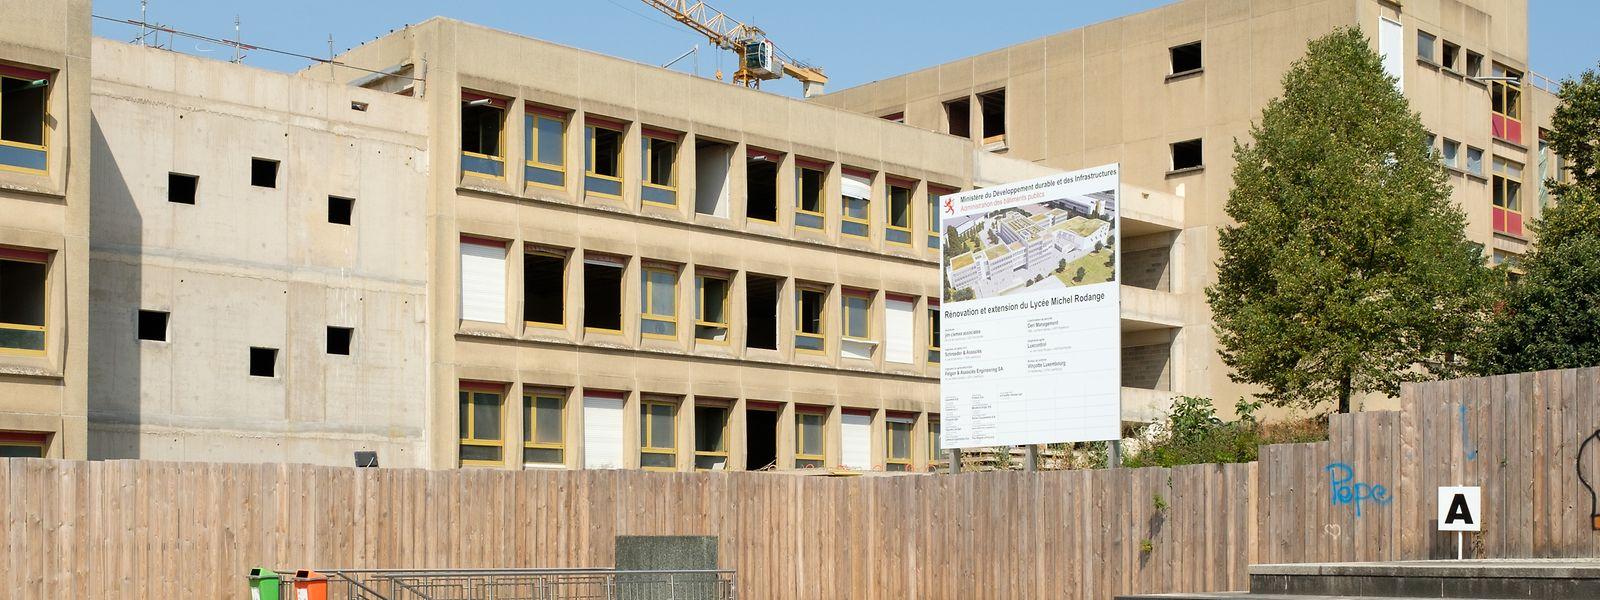 Das Lycée Michel-Rodange wird noch bis 2021 renoviert und ausgebaut.